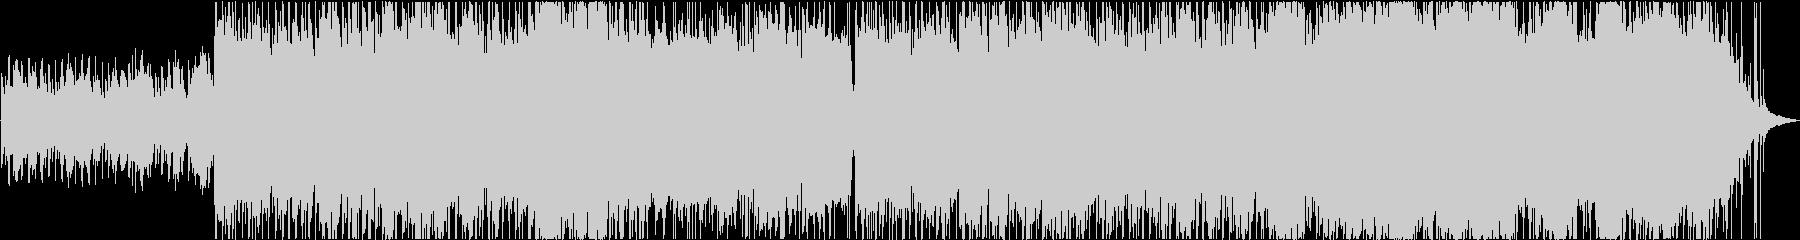 ピアノパターンを特徴とするポップロックの未再生の波形